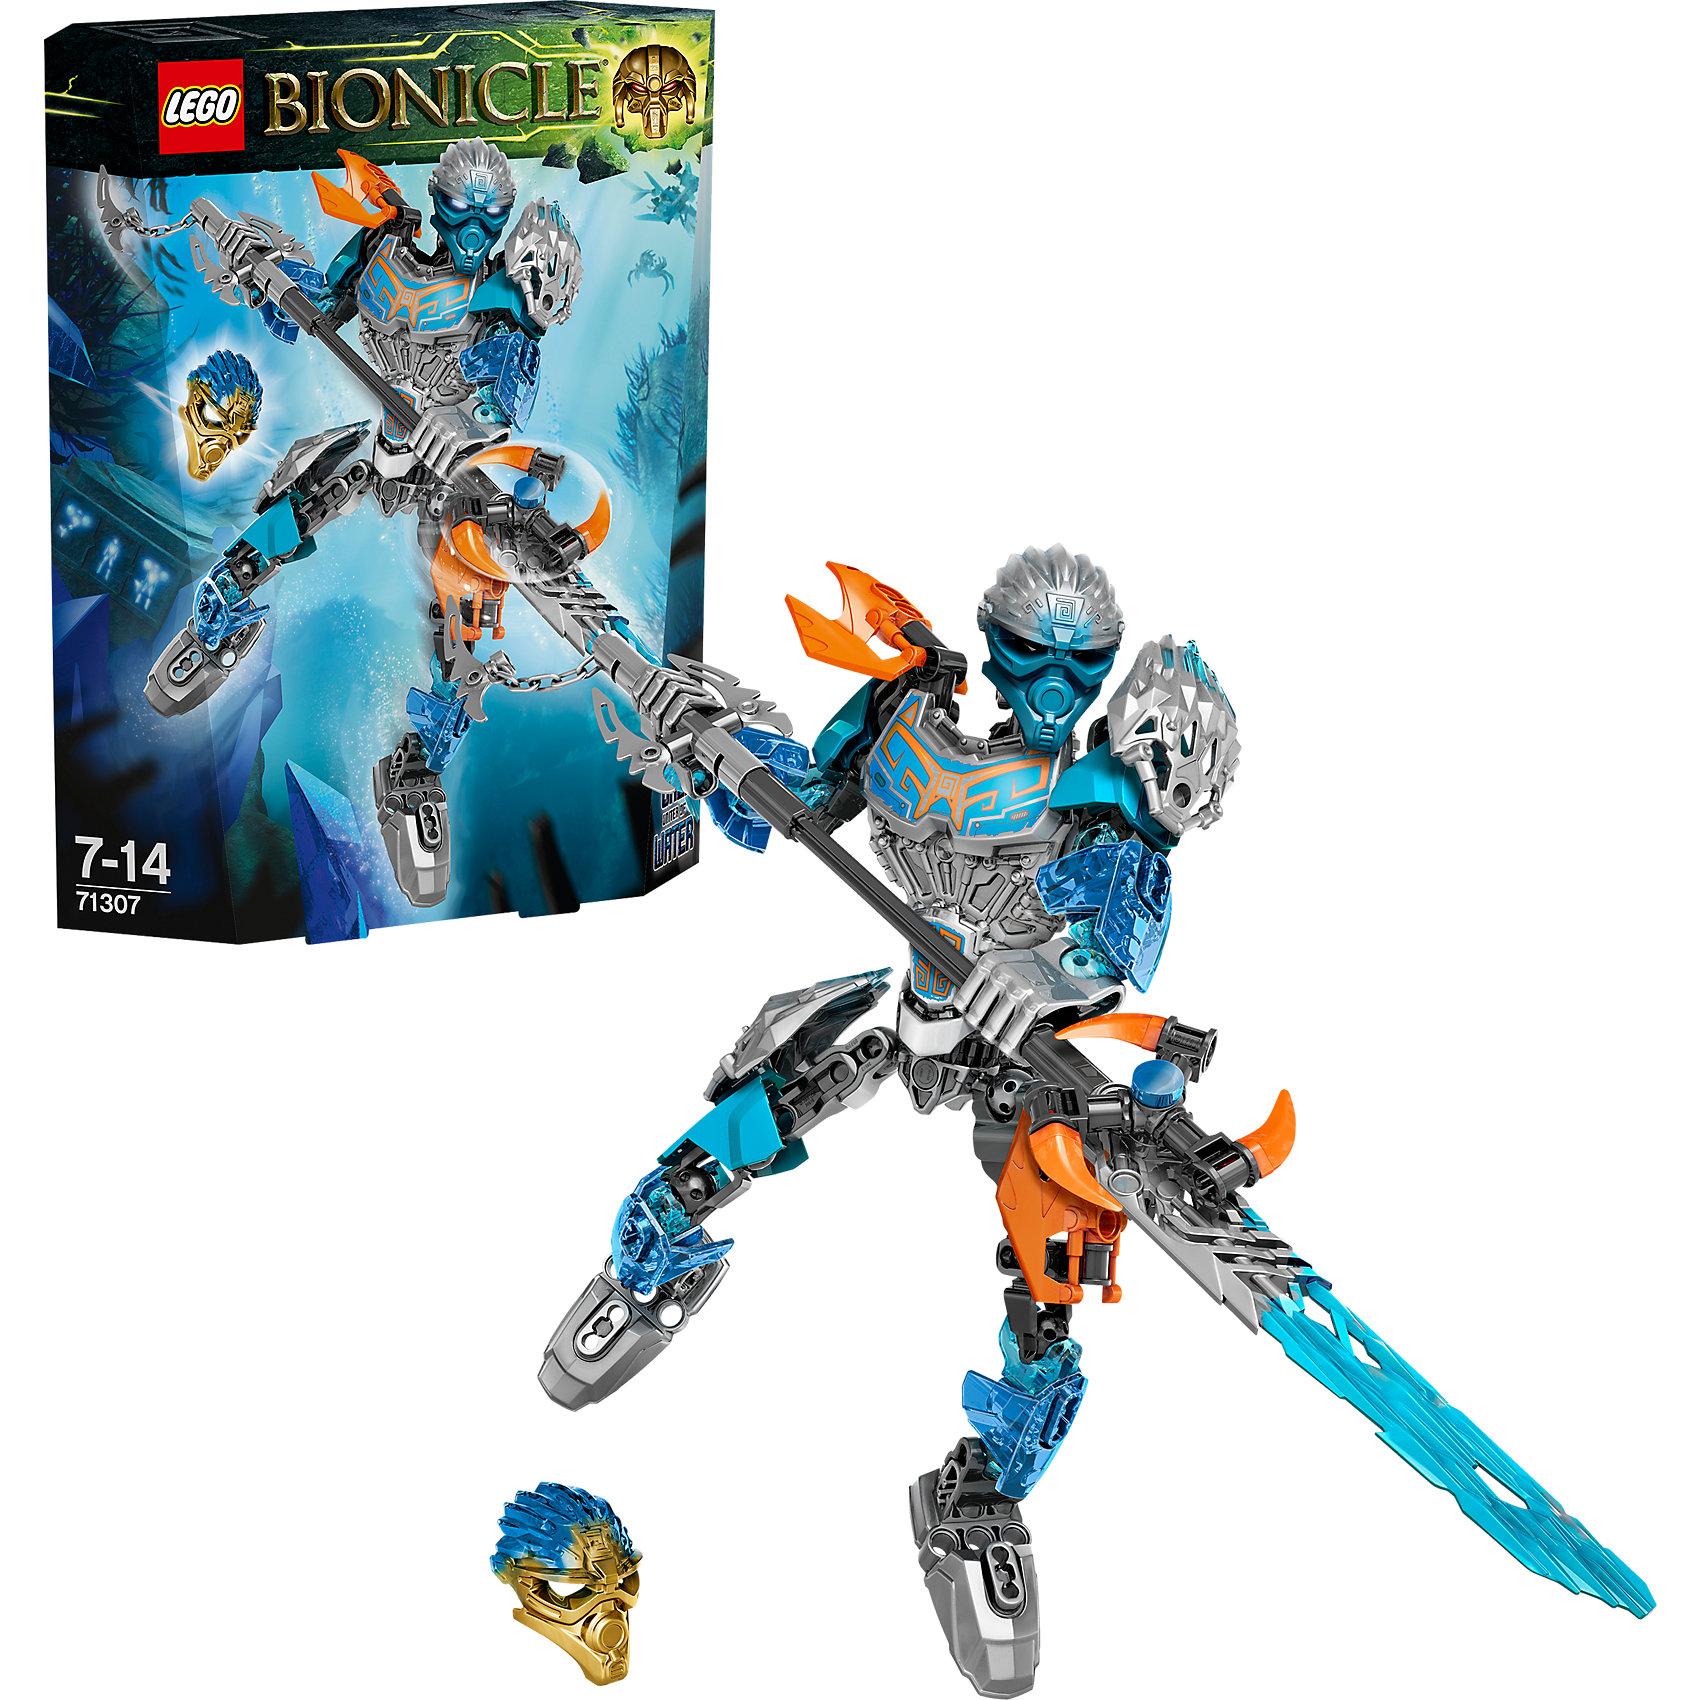 LEGO LEGO BIONICLE 71307: Гали - Объединительница Воды bionicle максилос и спинакс